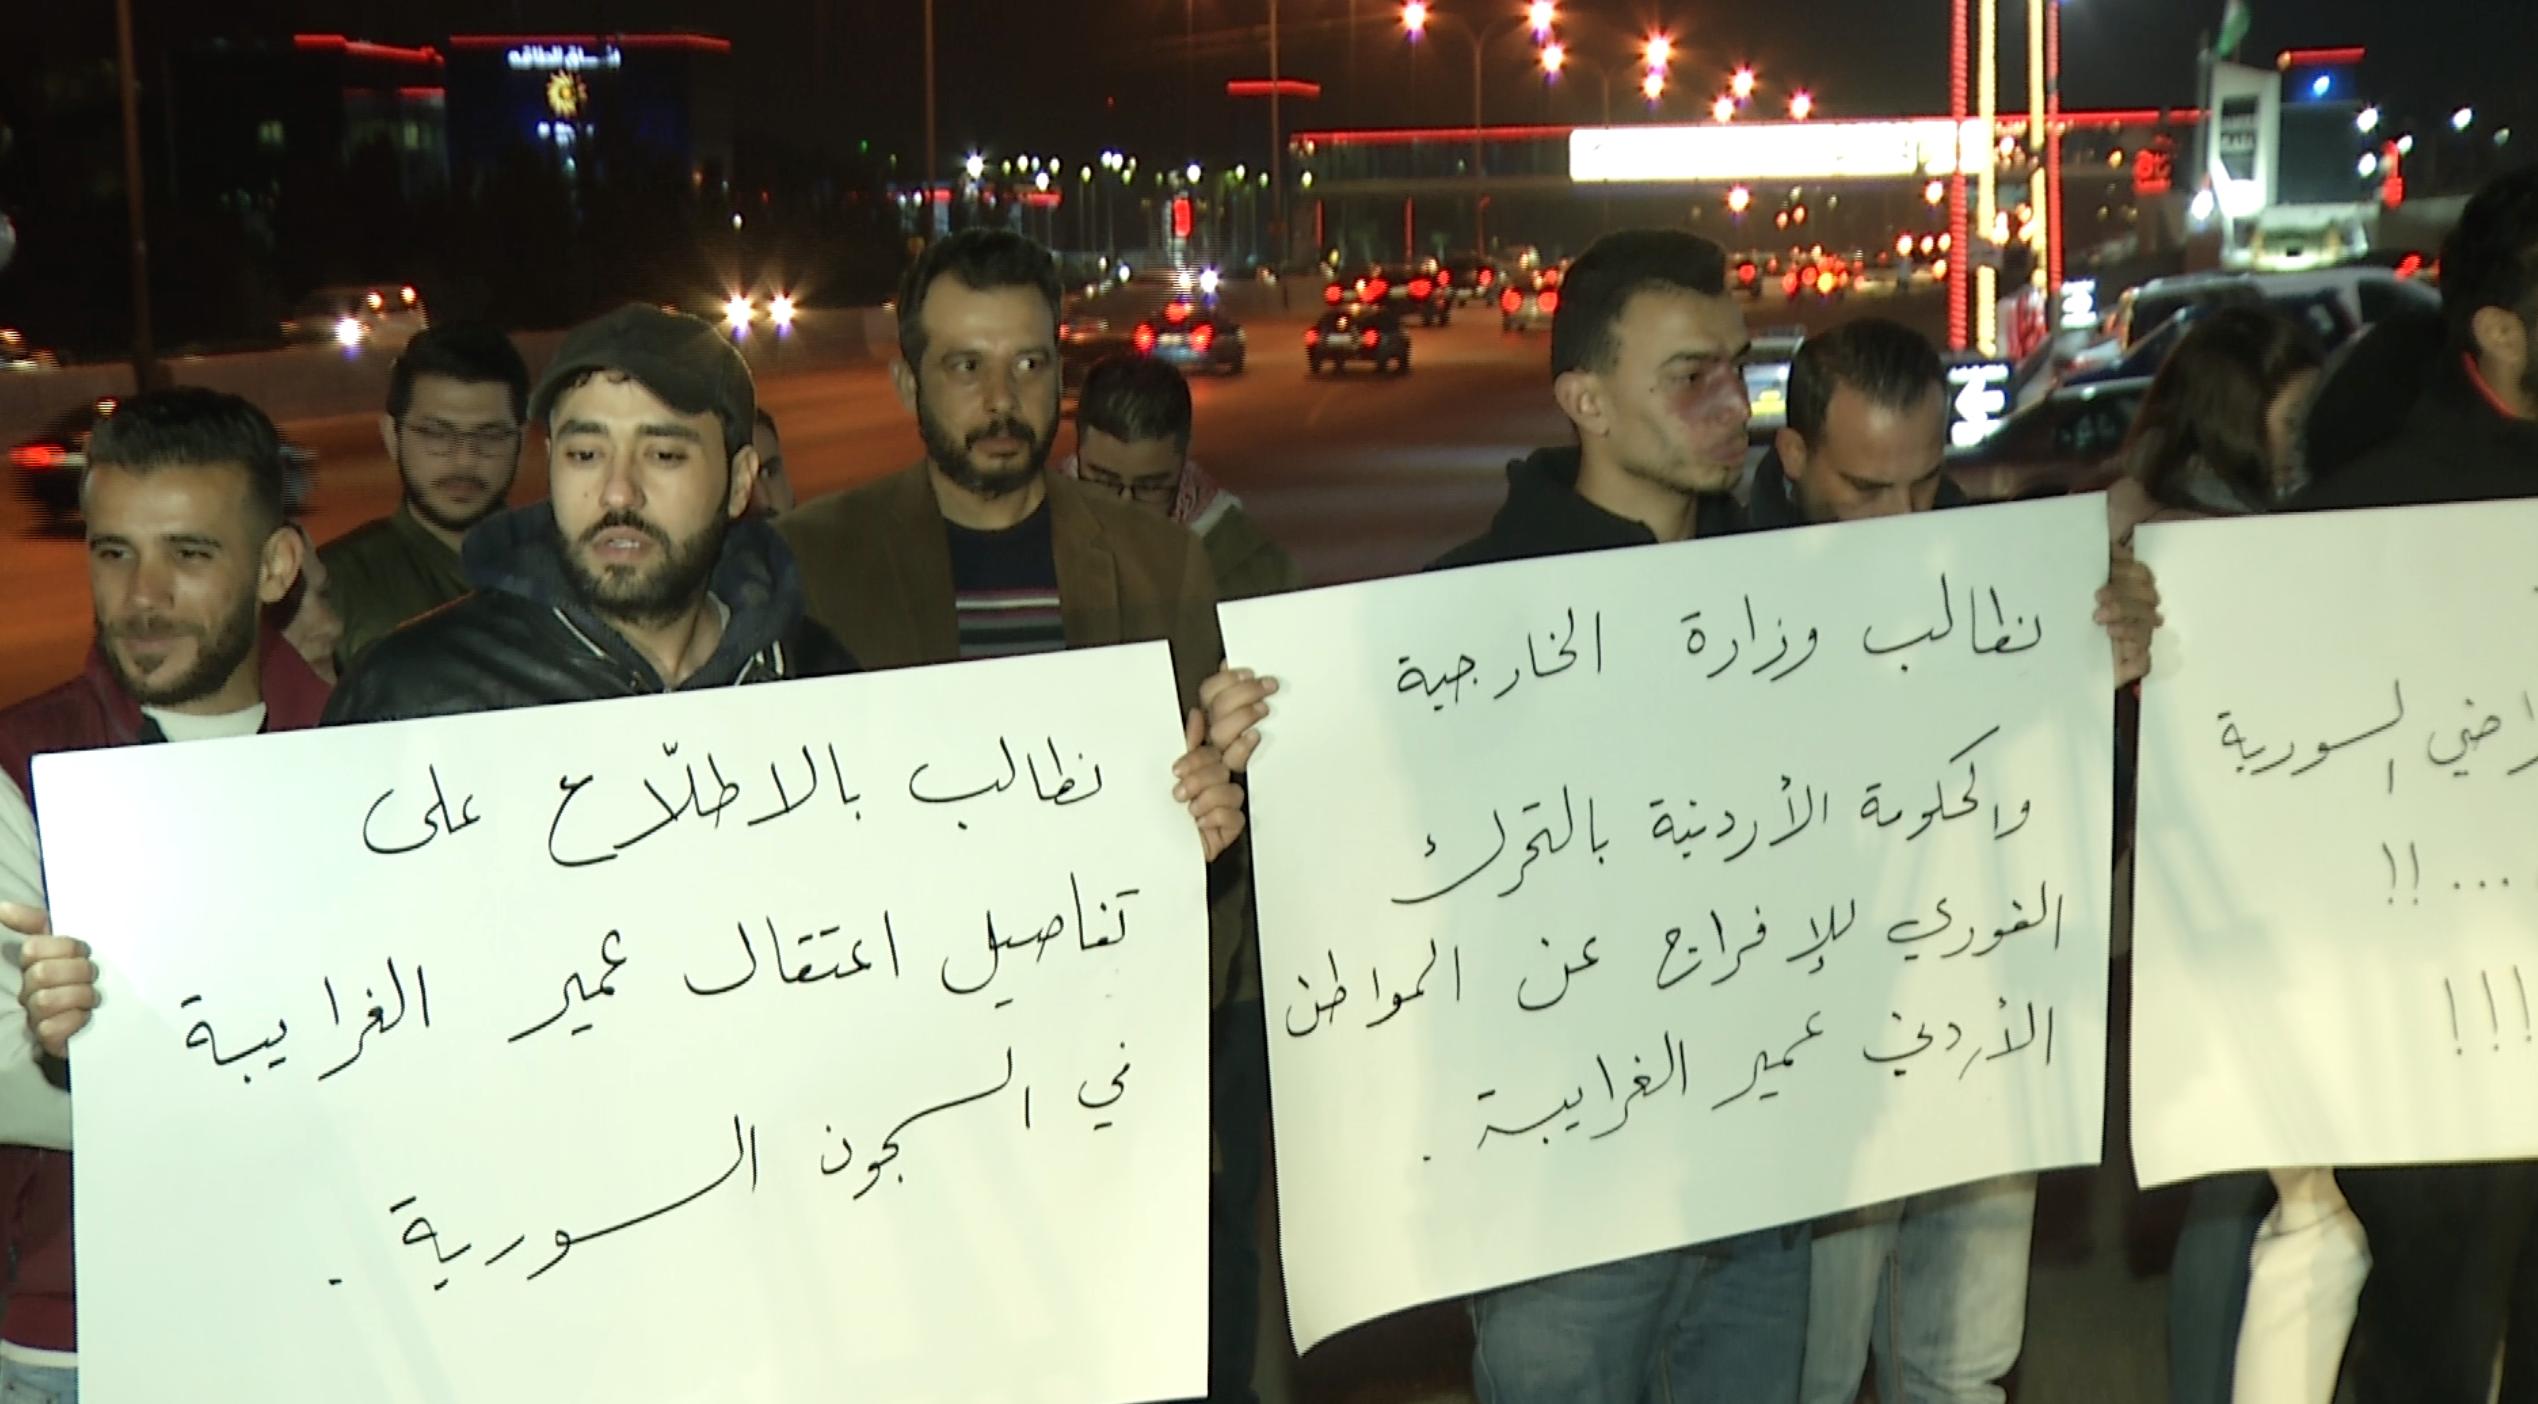 اعتصام أحمد، شقيق عمير الغرايبة أمام الخارجية الأردنية